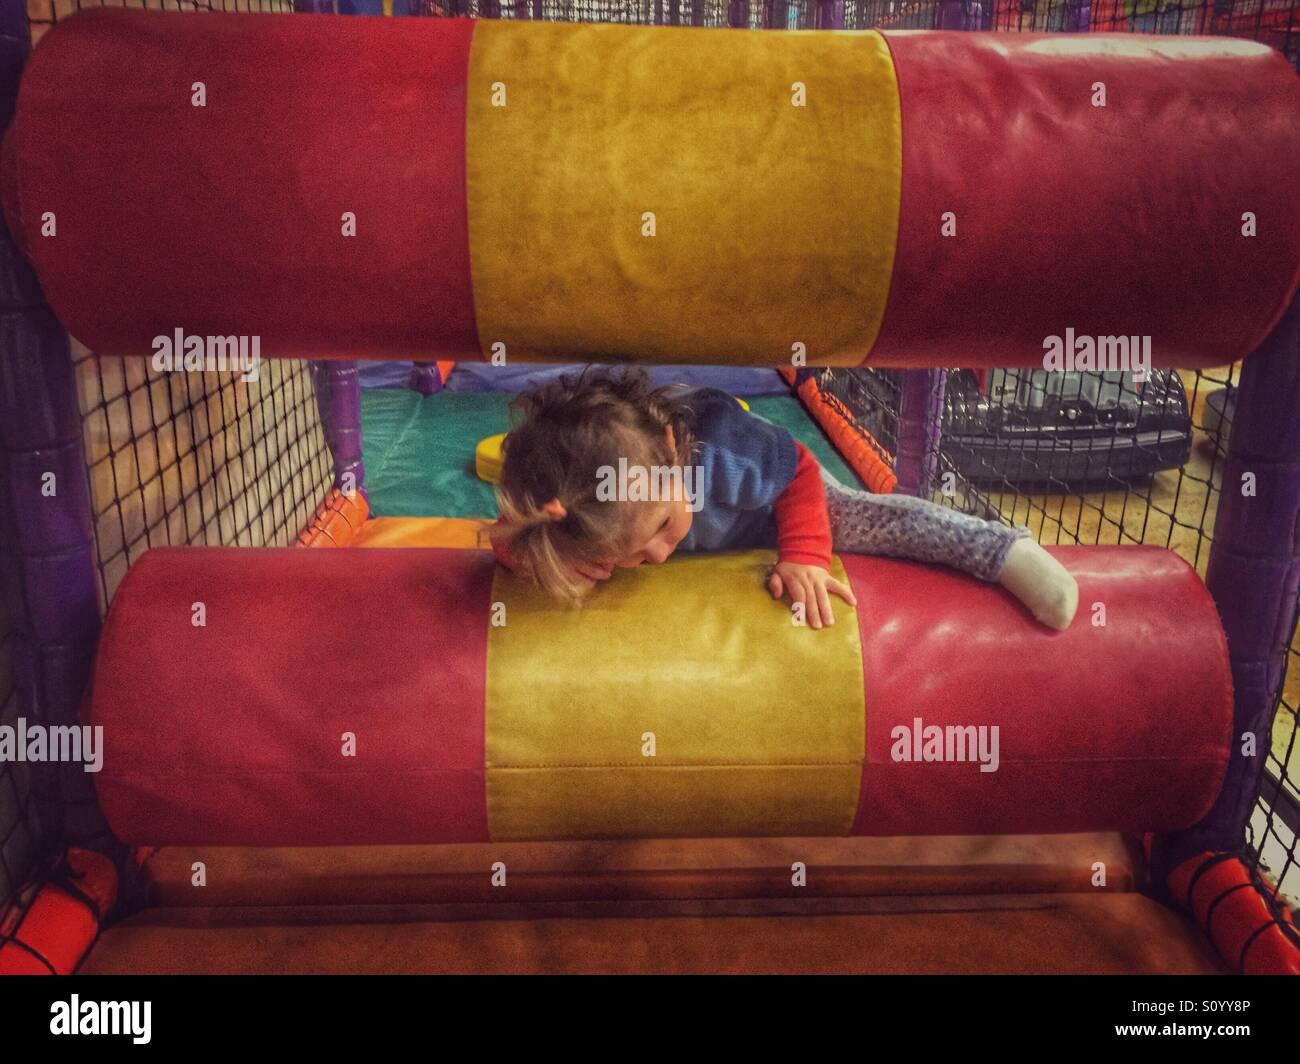 Toddler playing dans l'intérieur de jeux pour enfants Photo Stock